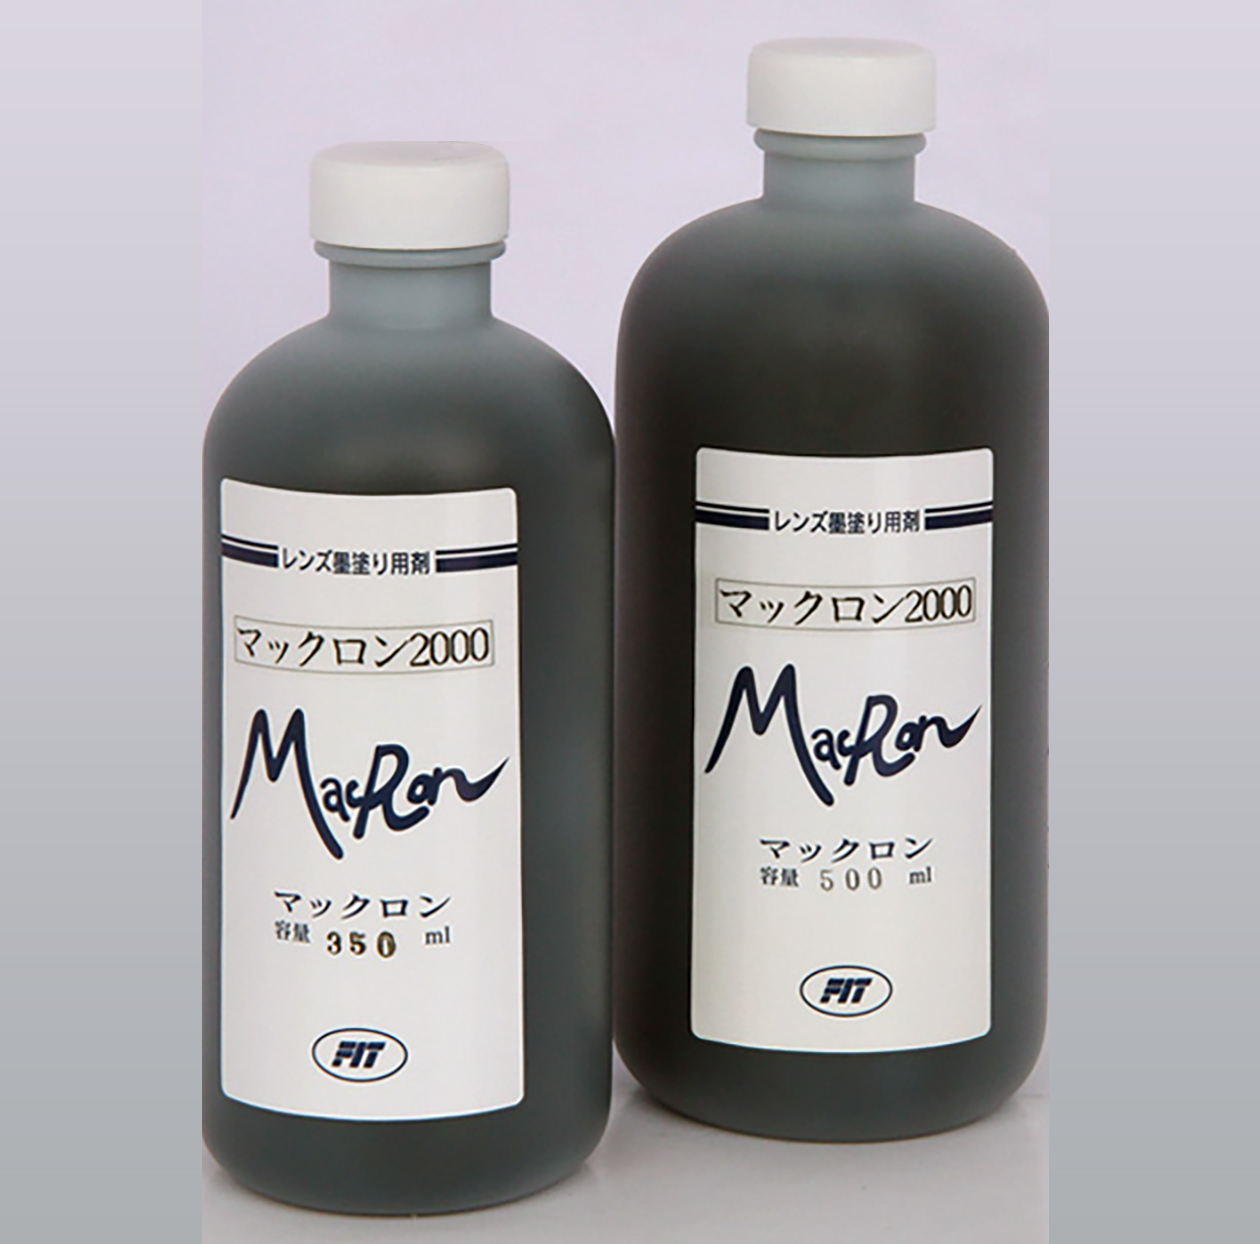 マックロン(MacRon)レンズ墨塗り用剤